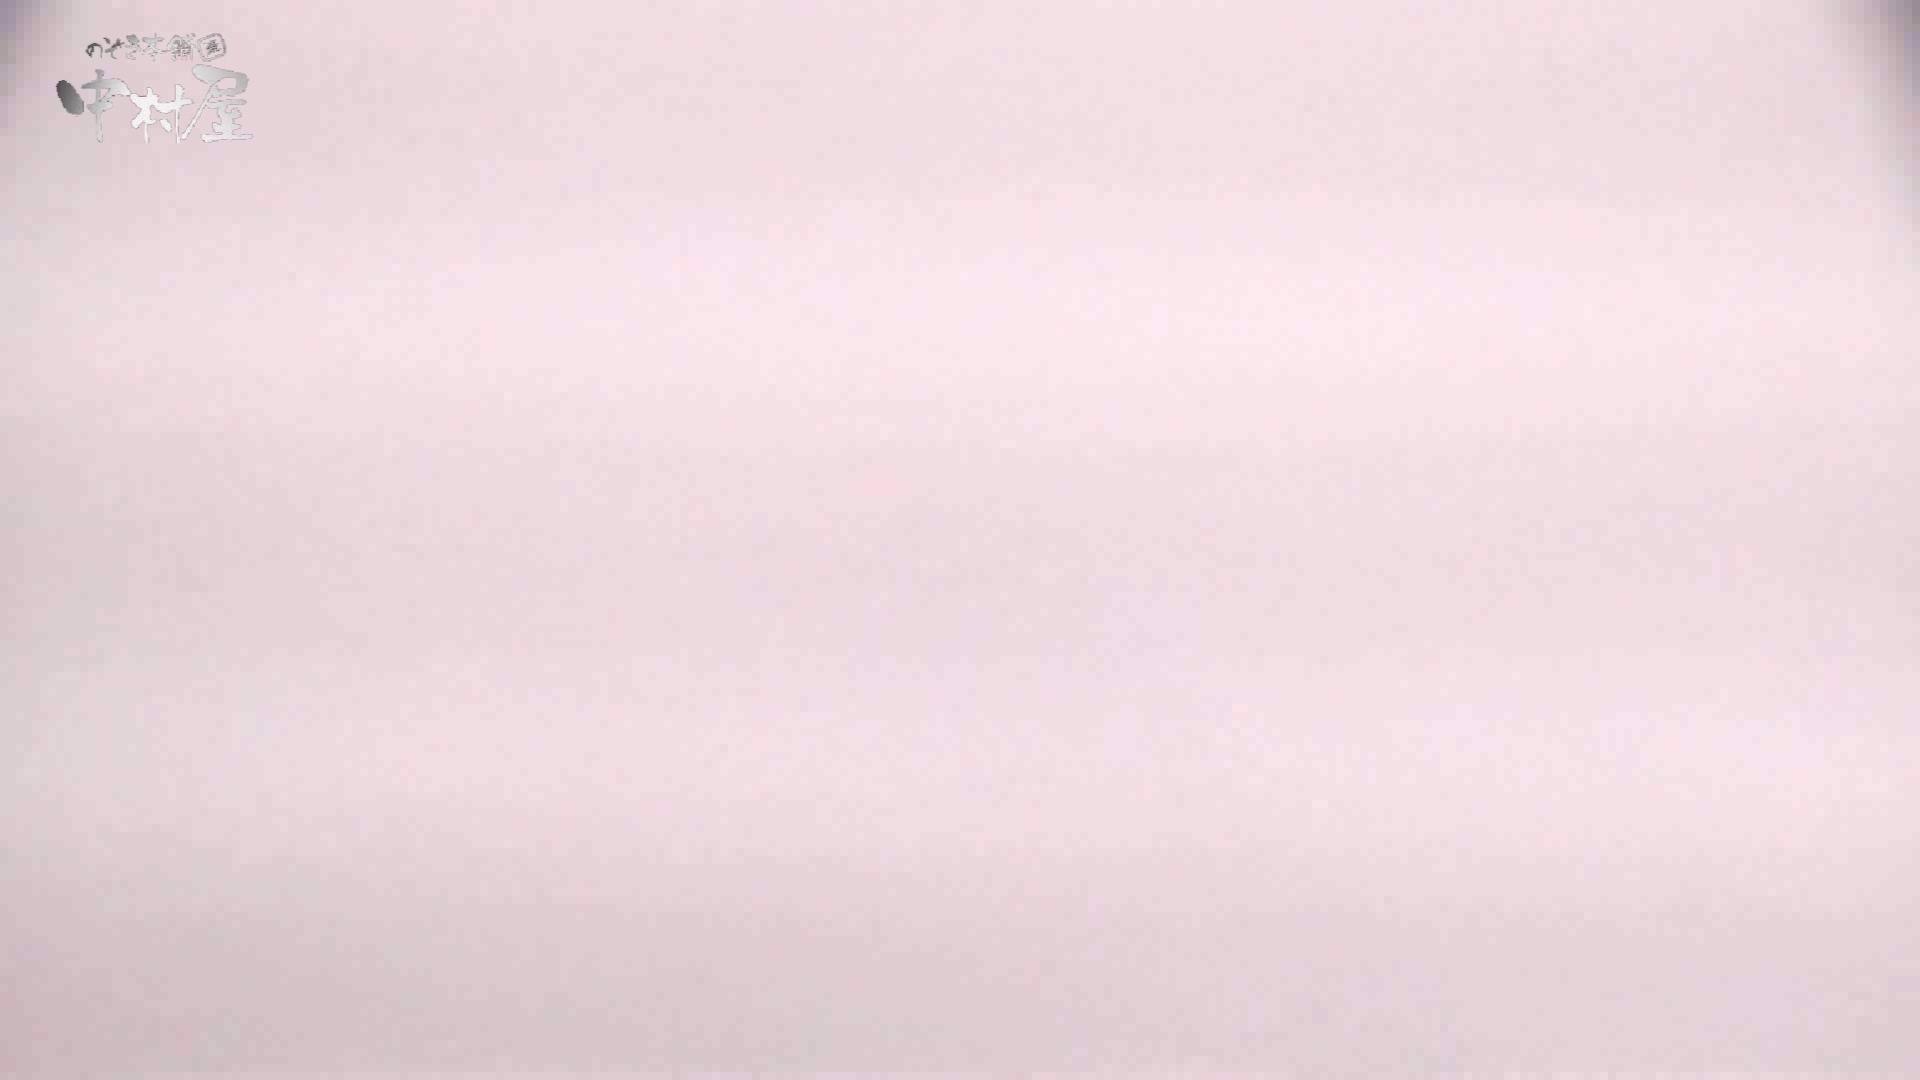 洗面所突入レポート!!vol.17 乙女のエロ動画 盗撮画像 83PIX 70